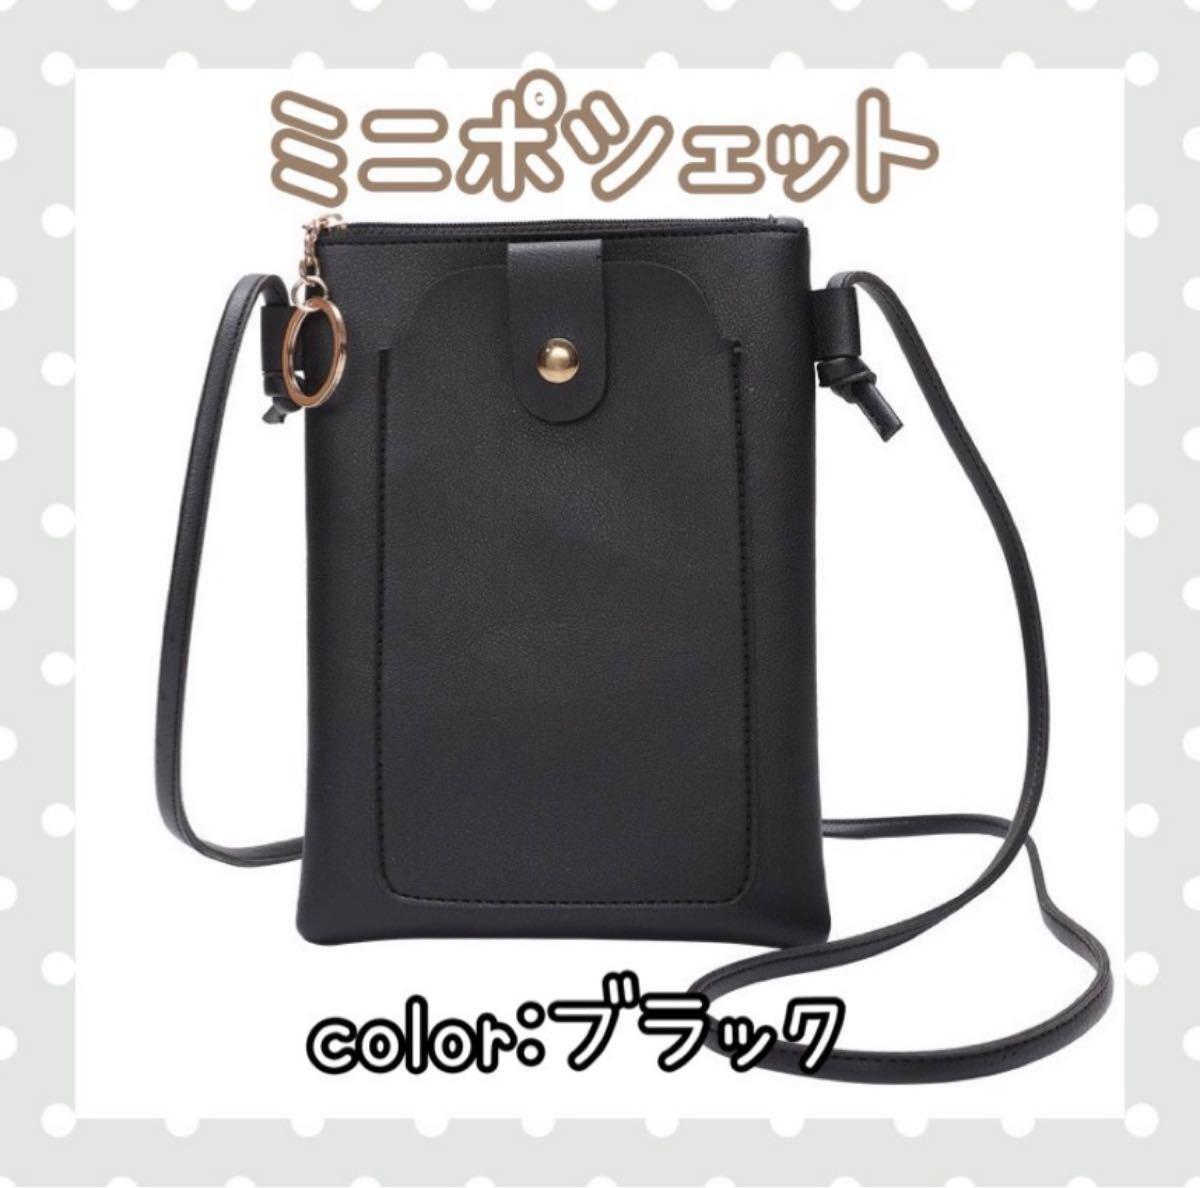 ミニポシェット  ショルダーポーチ  携帯ポシェット  ミニバッグ  レザー ショルダーバッグ